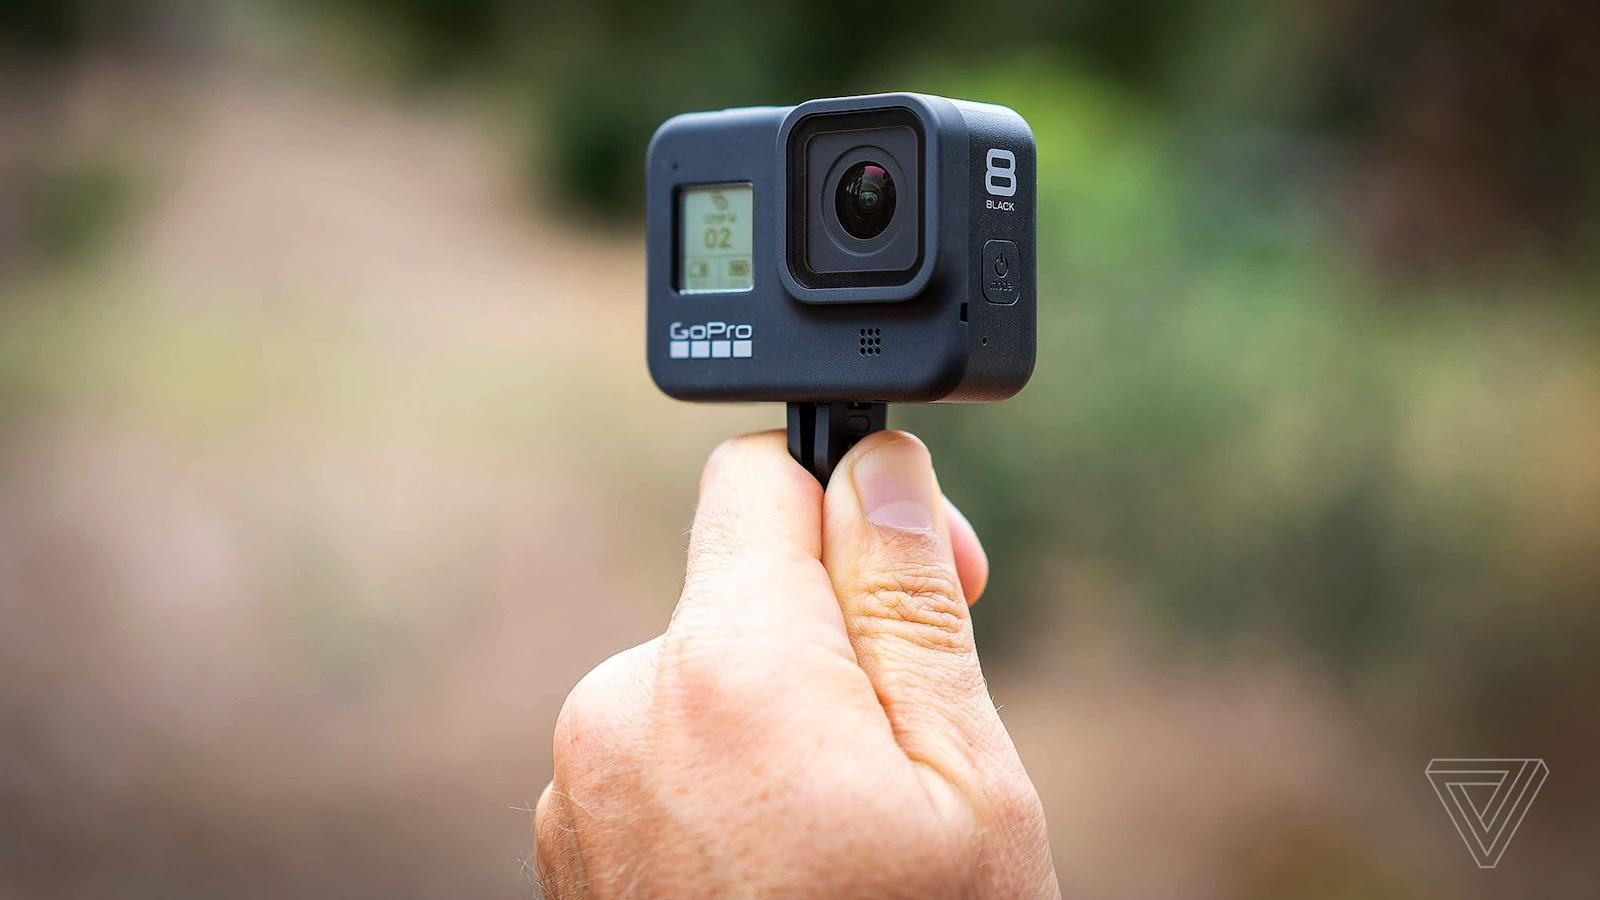 """Loạt máy ảnh đáng đầu tư cho những chuyến du lịch đạt chuẩn """"sang chảnh"""" - Ảnh 10."""